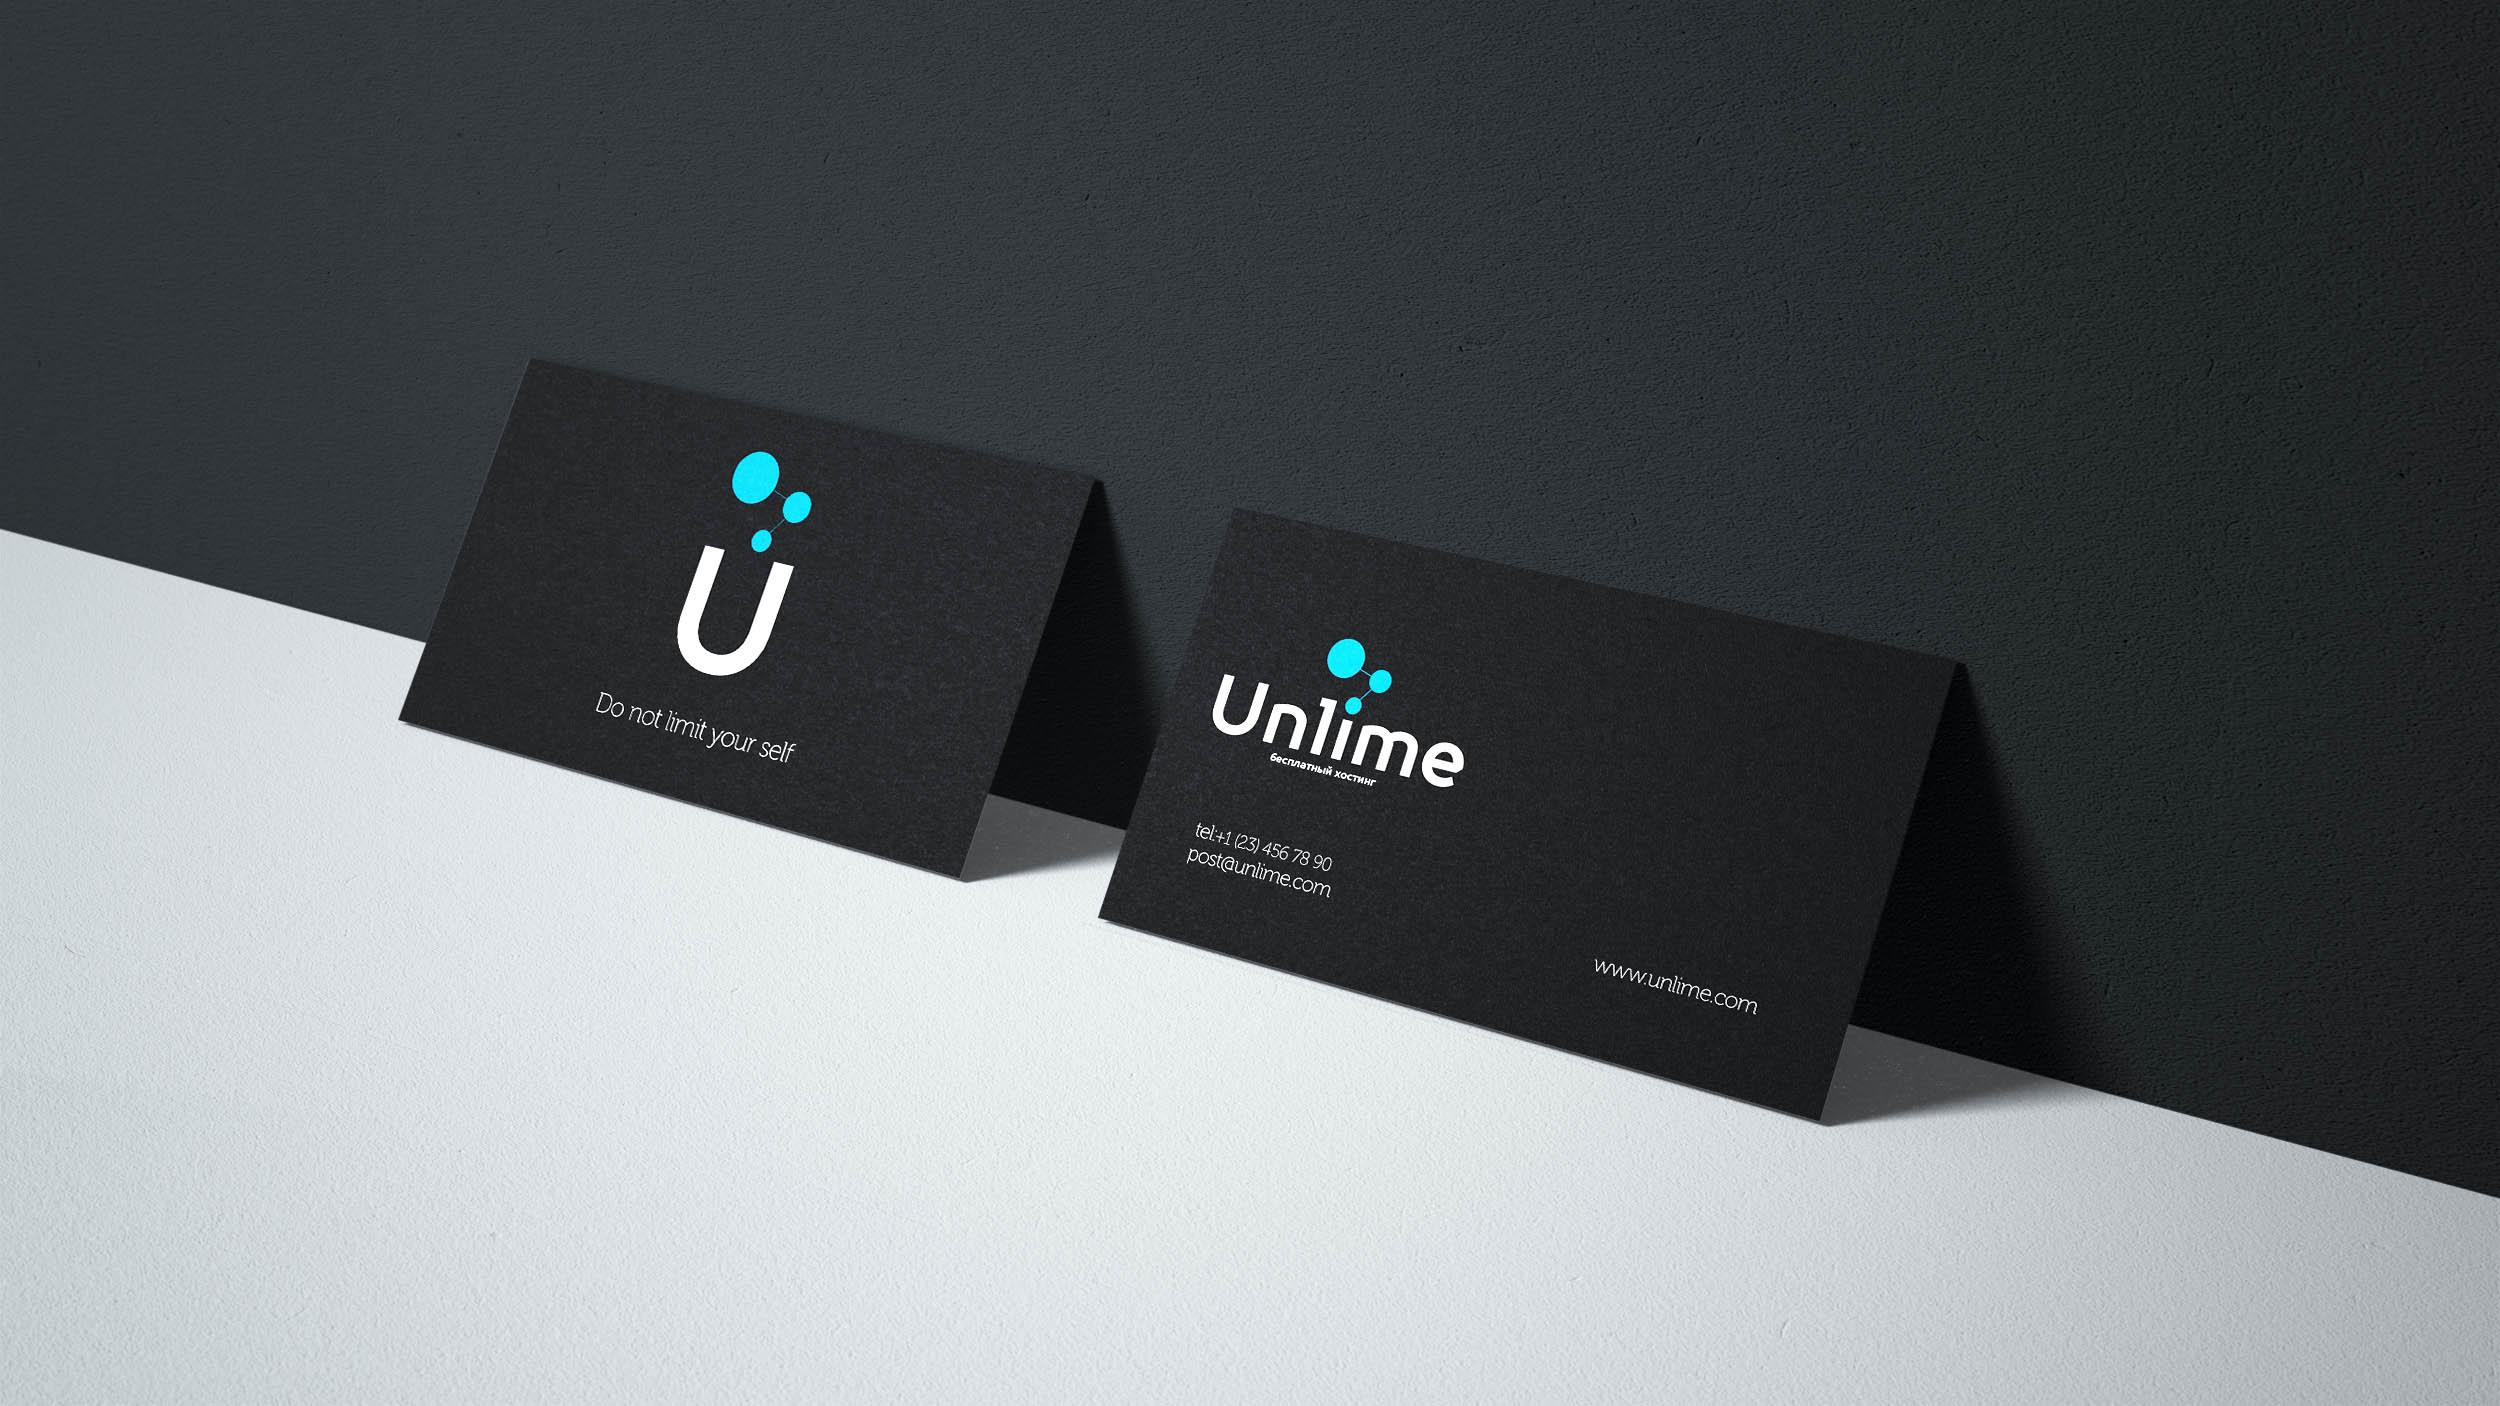 Разработка логотипа и фирменного стиля фото f_0505949922b52993.jpg